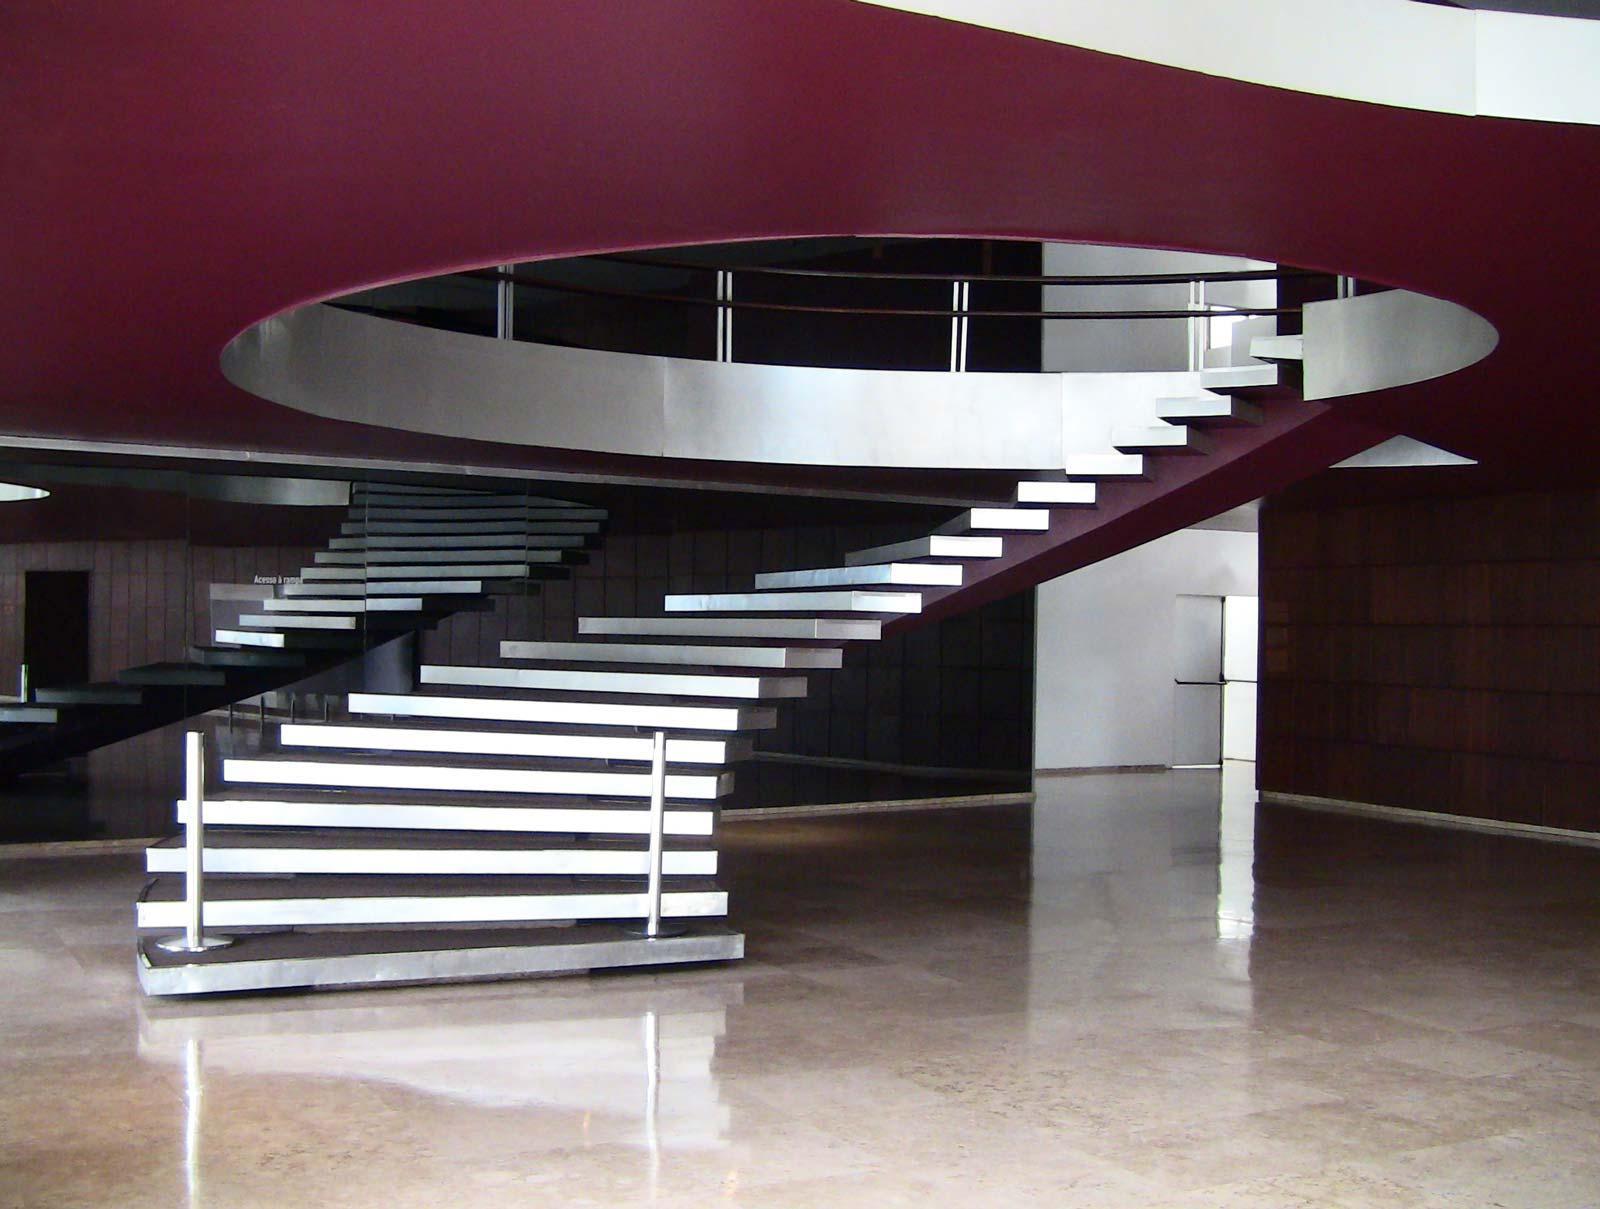 palacio-das-artes-belo-horizonte-treppenaufgang